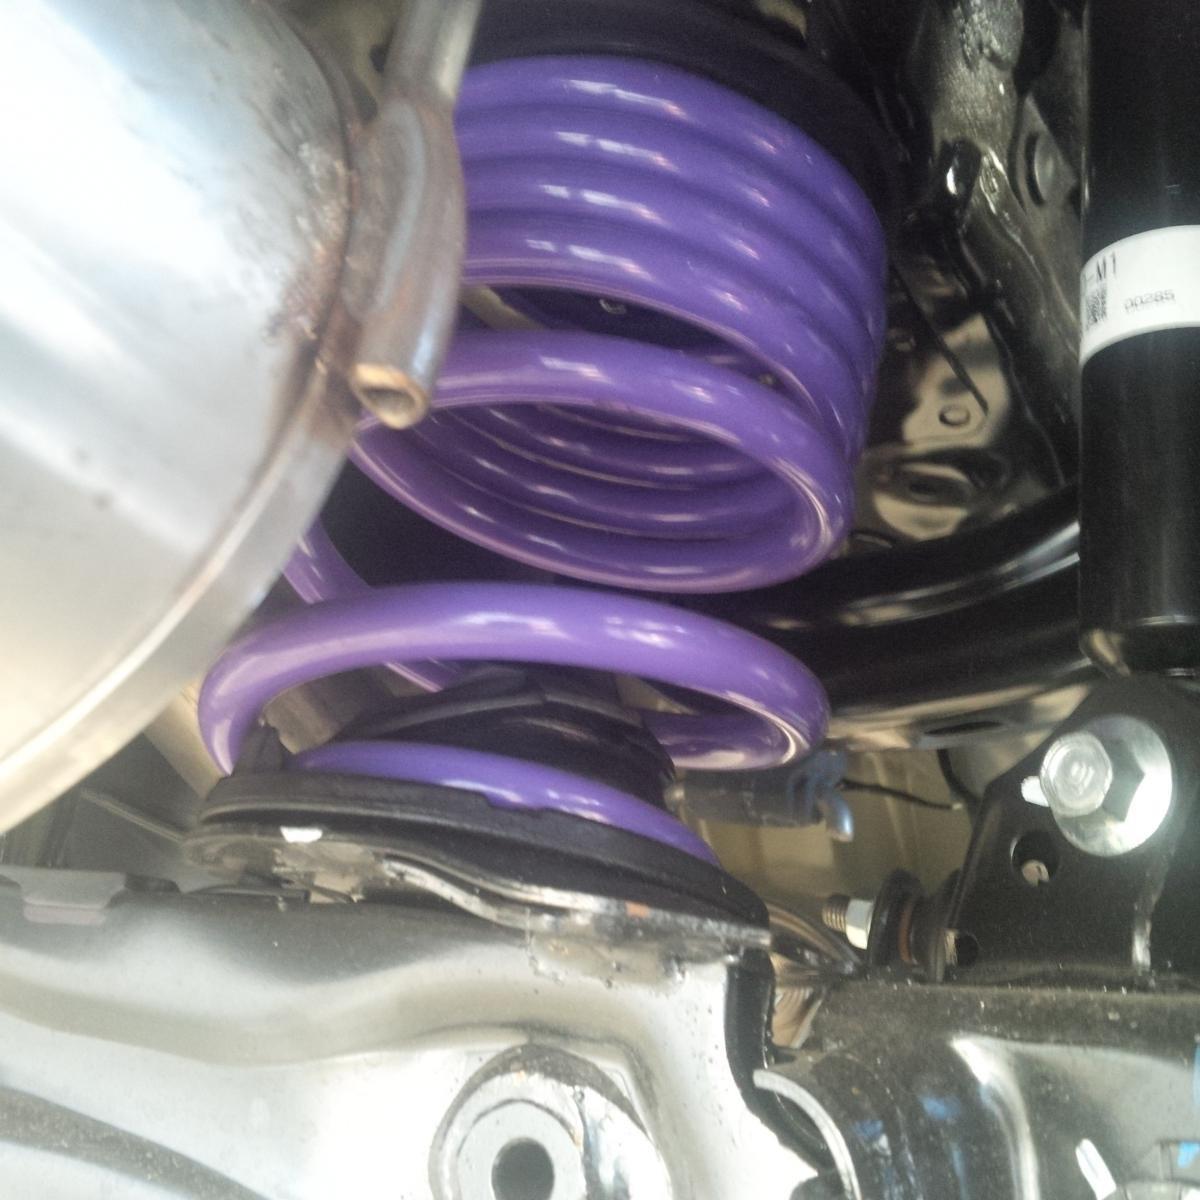 14-15 front suspension noise fix